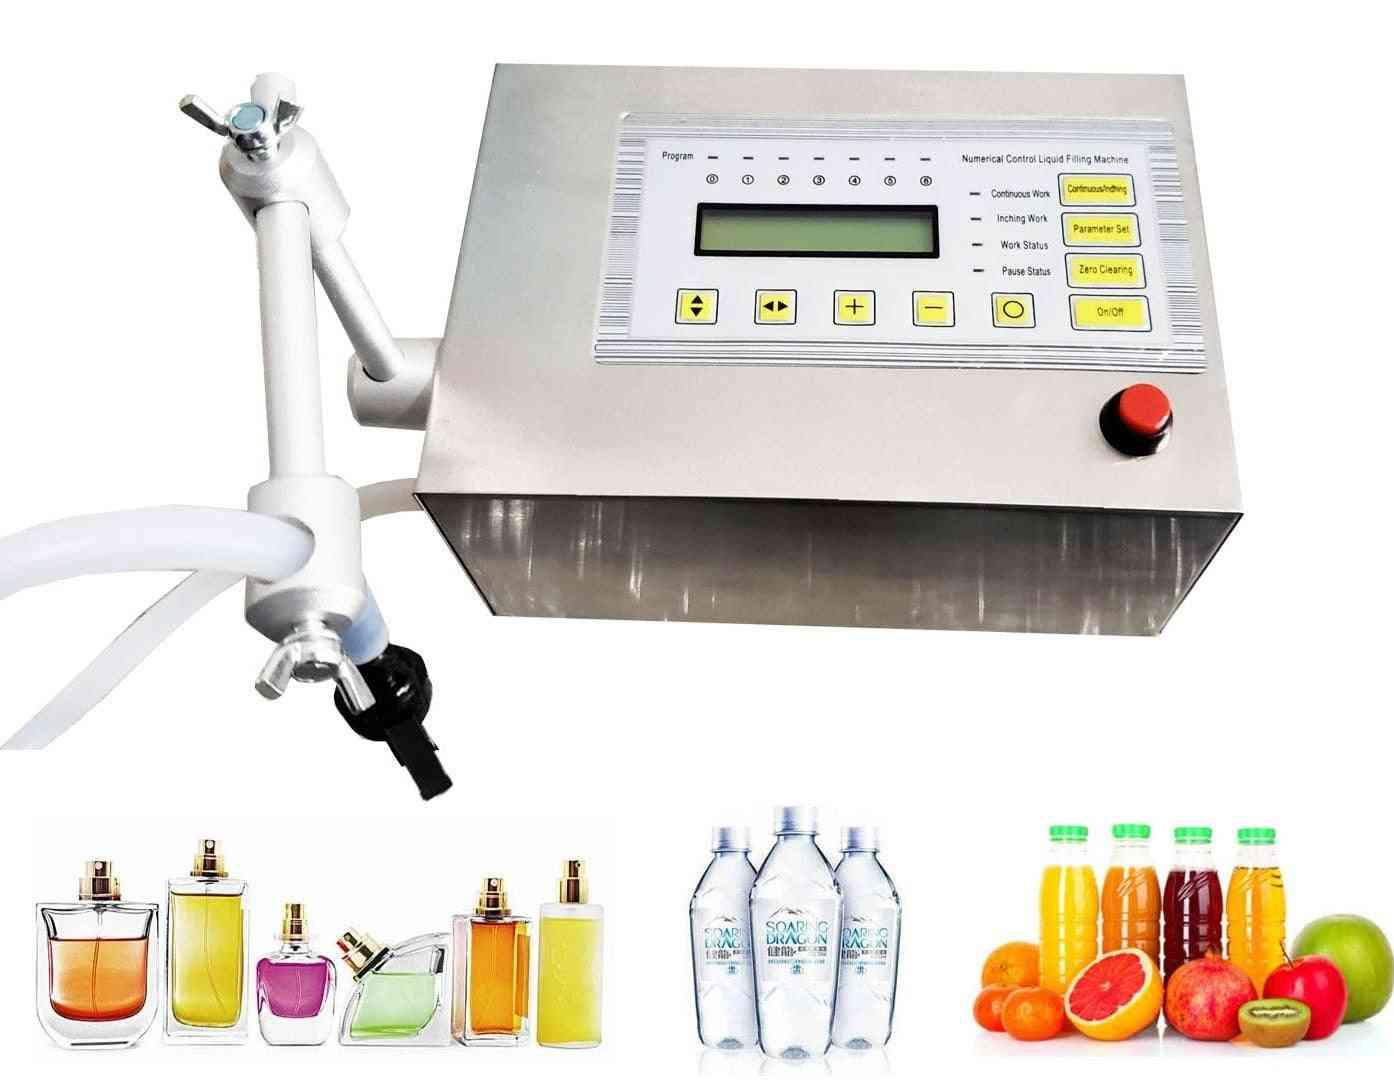 Electric Digital Control Liquid Filling Device